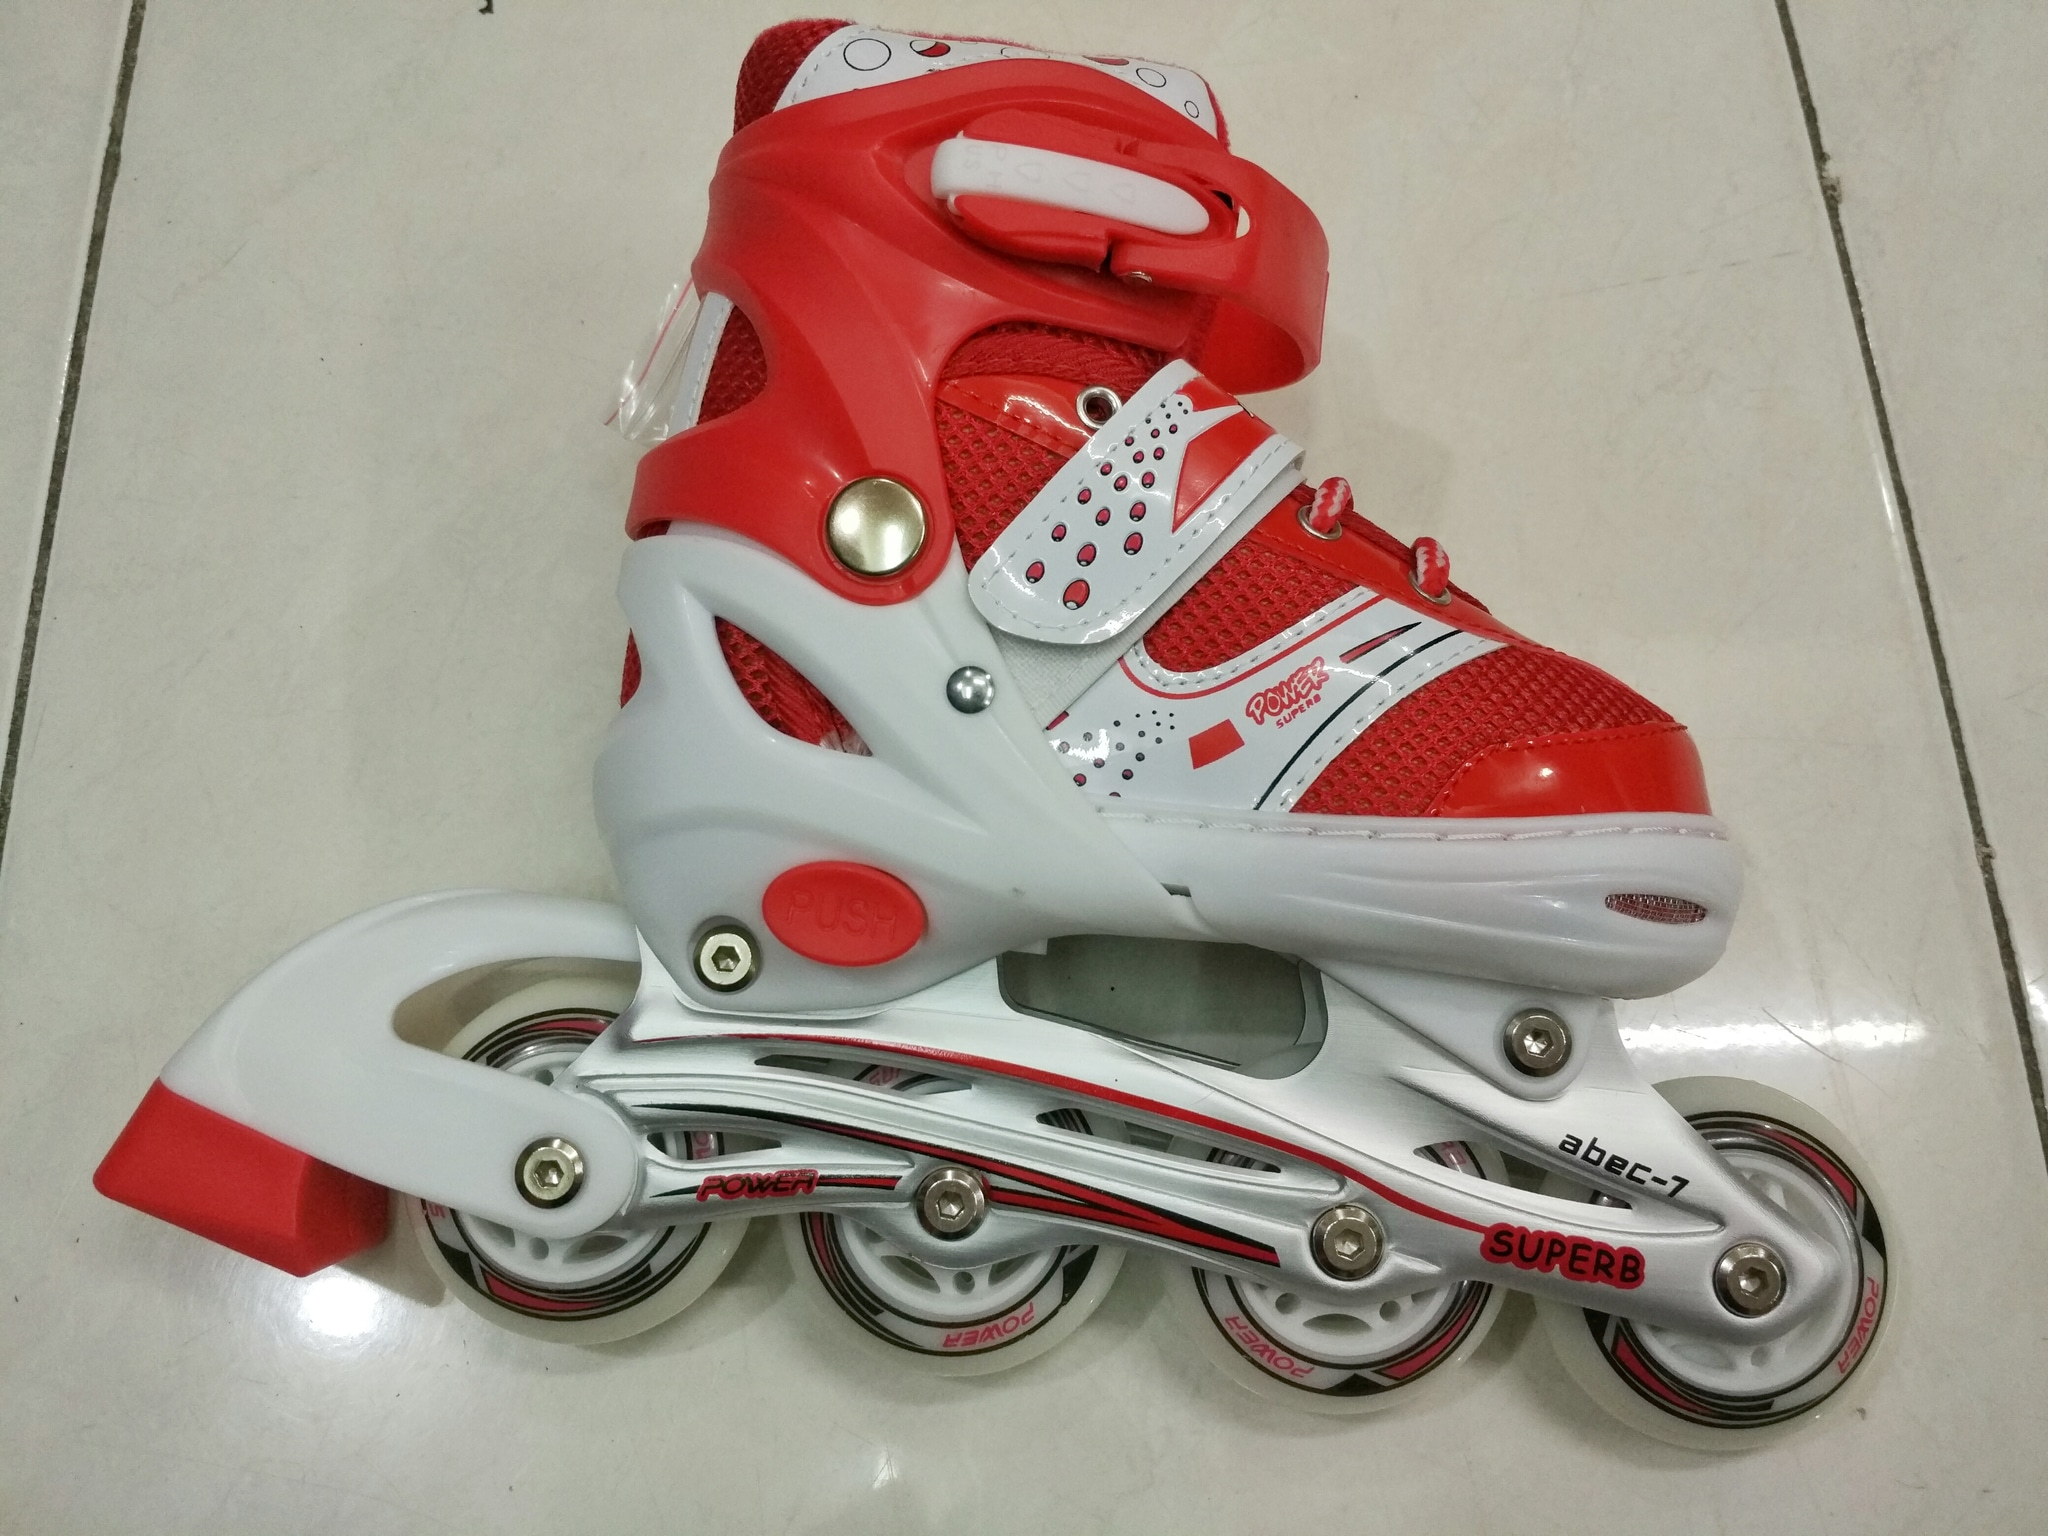 Jual Beli Sepatu Roda Anak Inline Bajaj Power  Grosir Dan Eceran